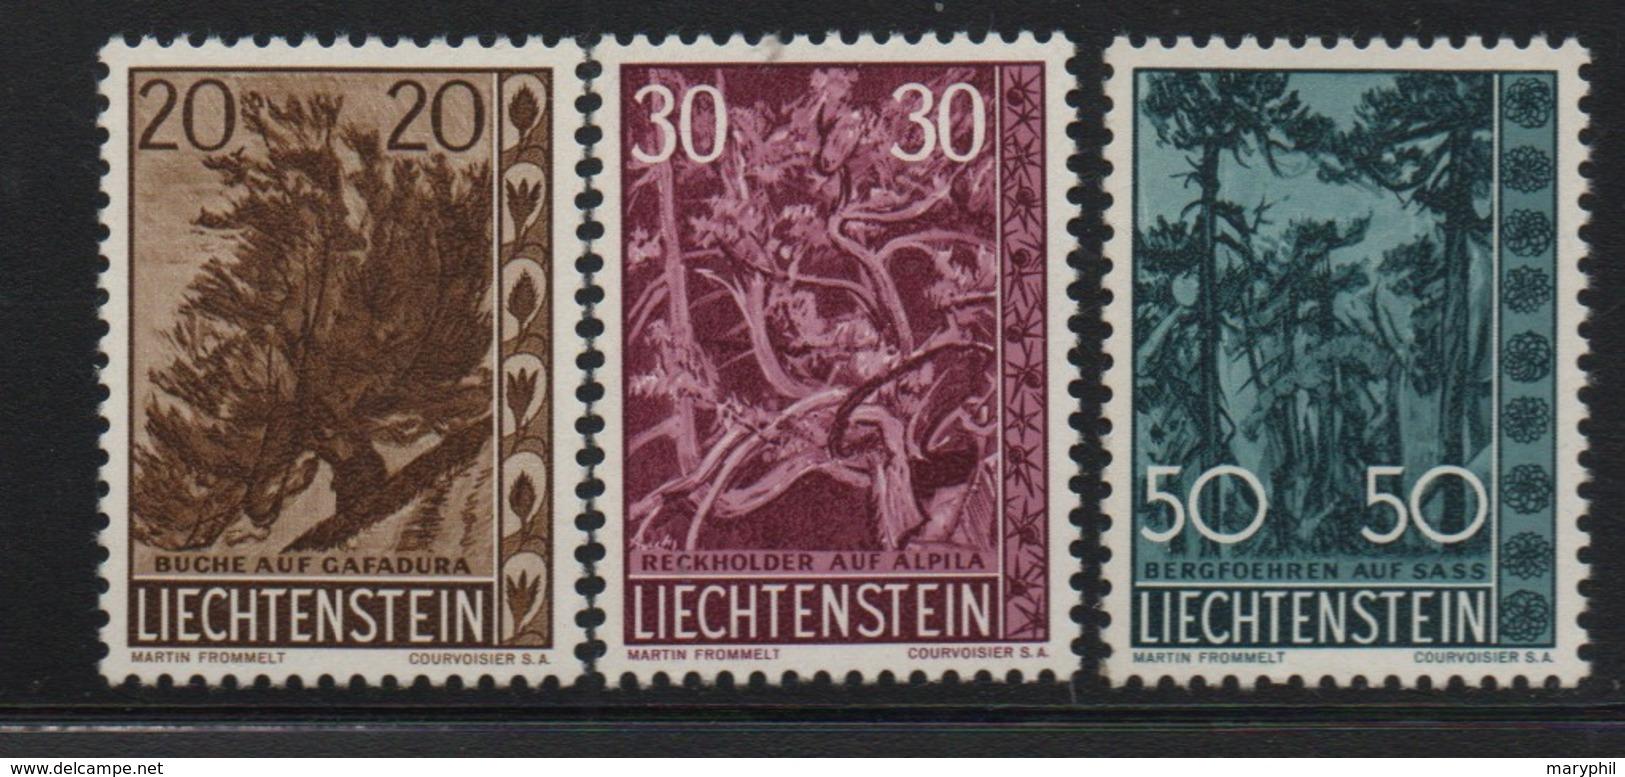 LIECHTENSTEIN N° 356/358 * (charnière) - Liechtenstein